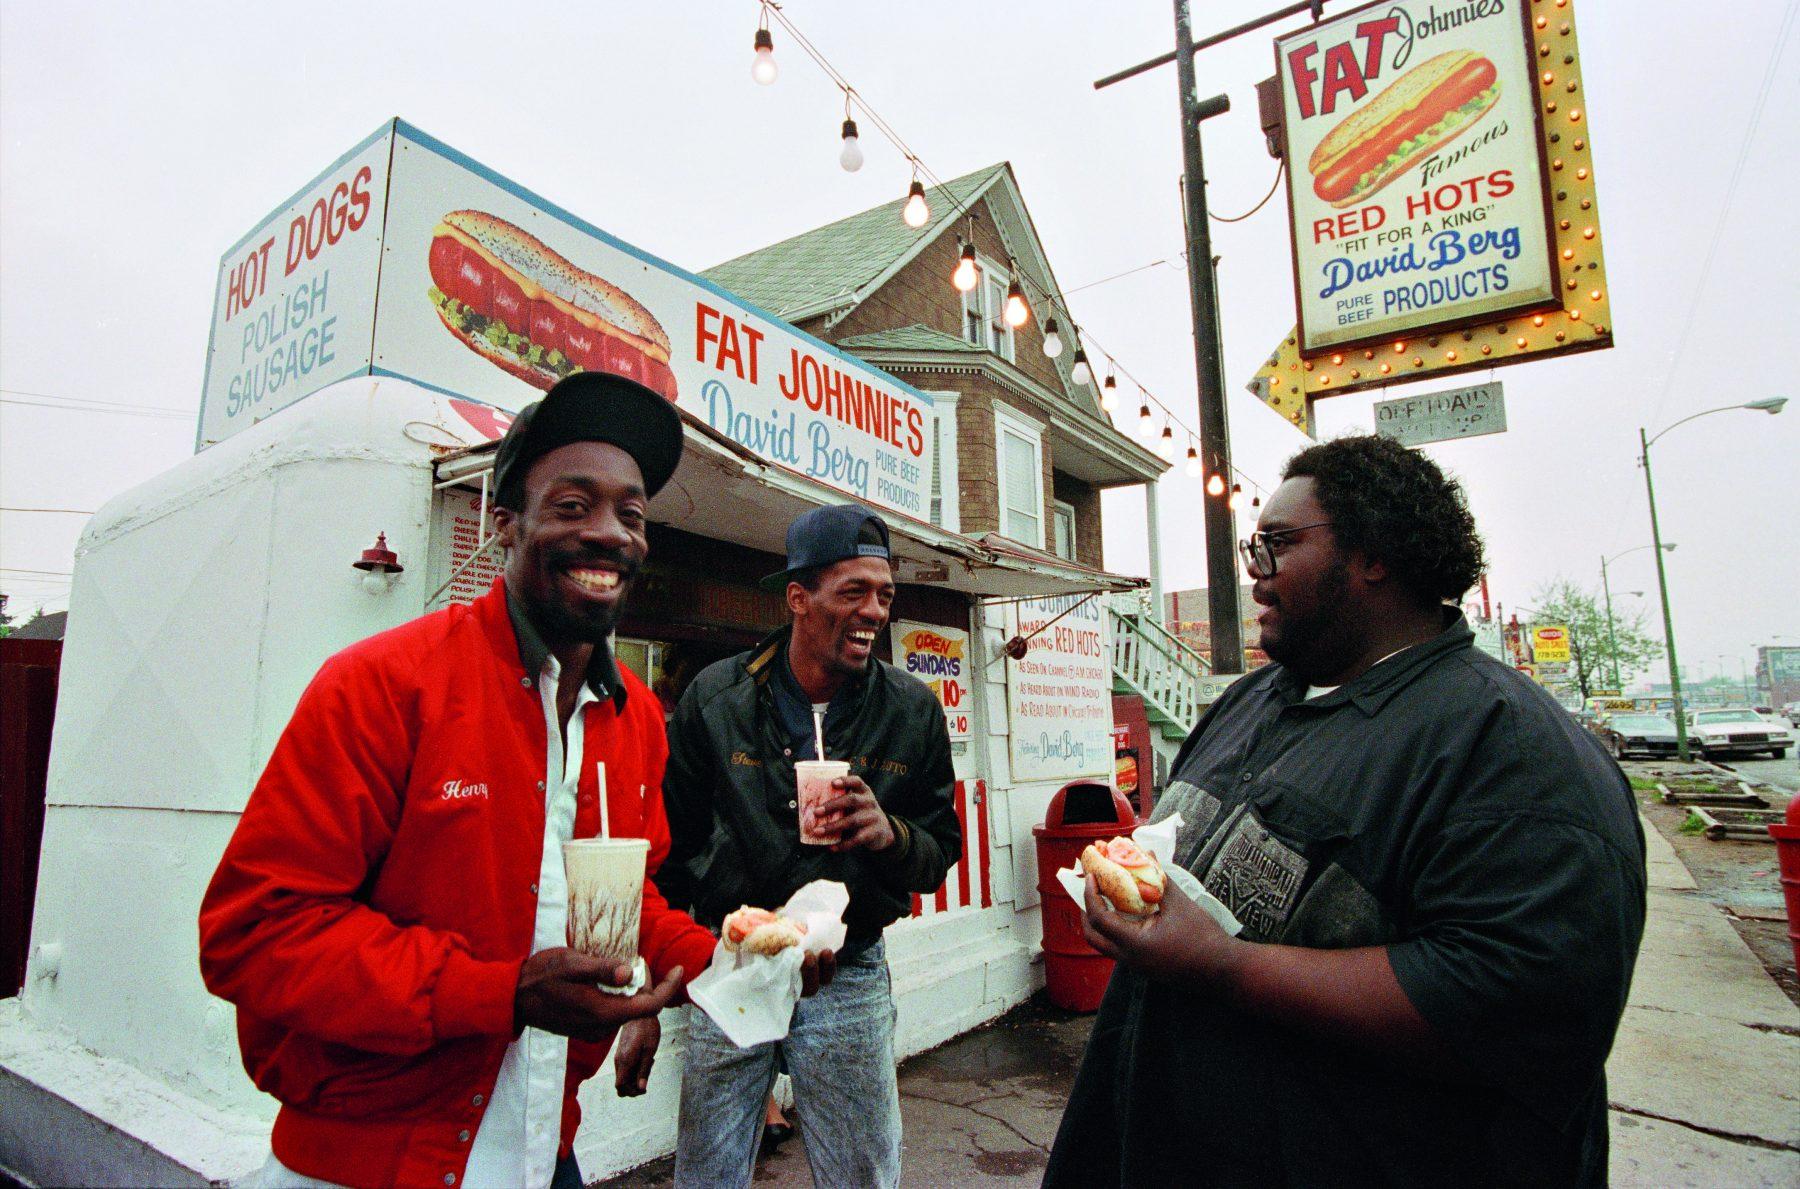 布鲁斯·戴维森 (Bruce Davidson) 拍摄的彩色照片,非裔美国人在芝加哥街头吃饭